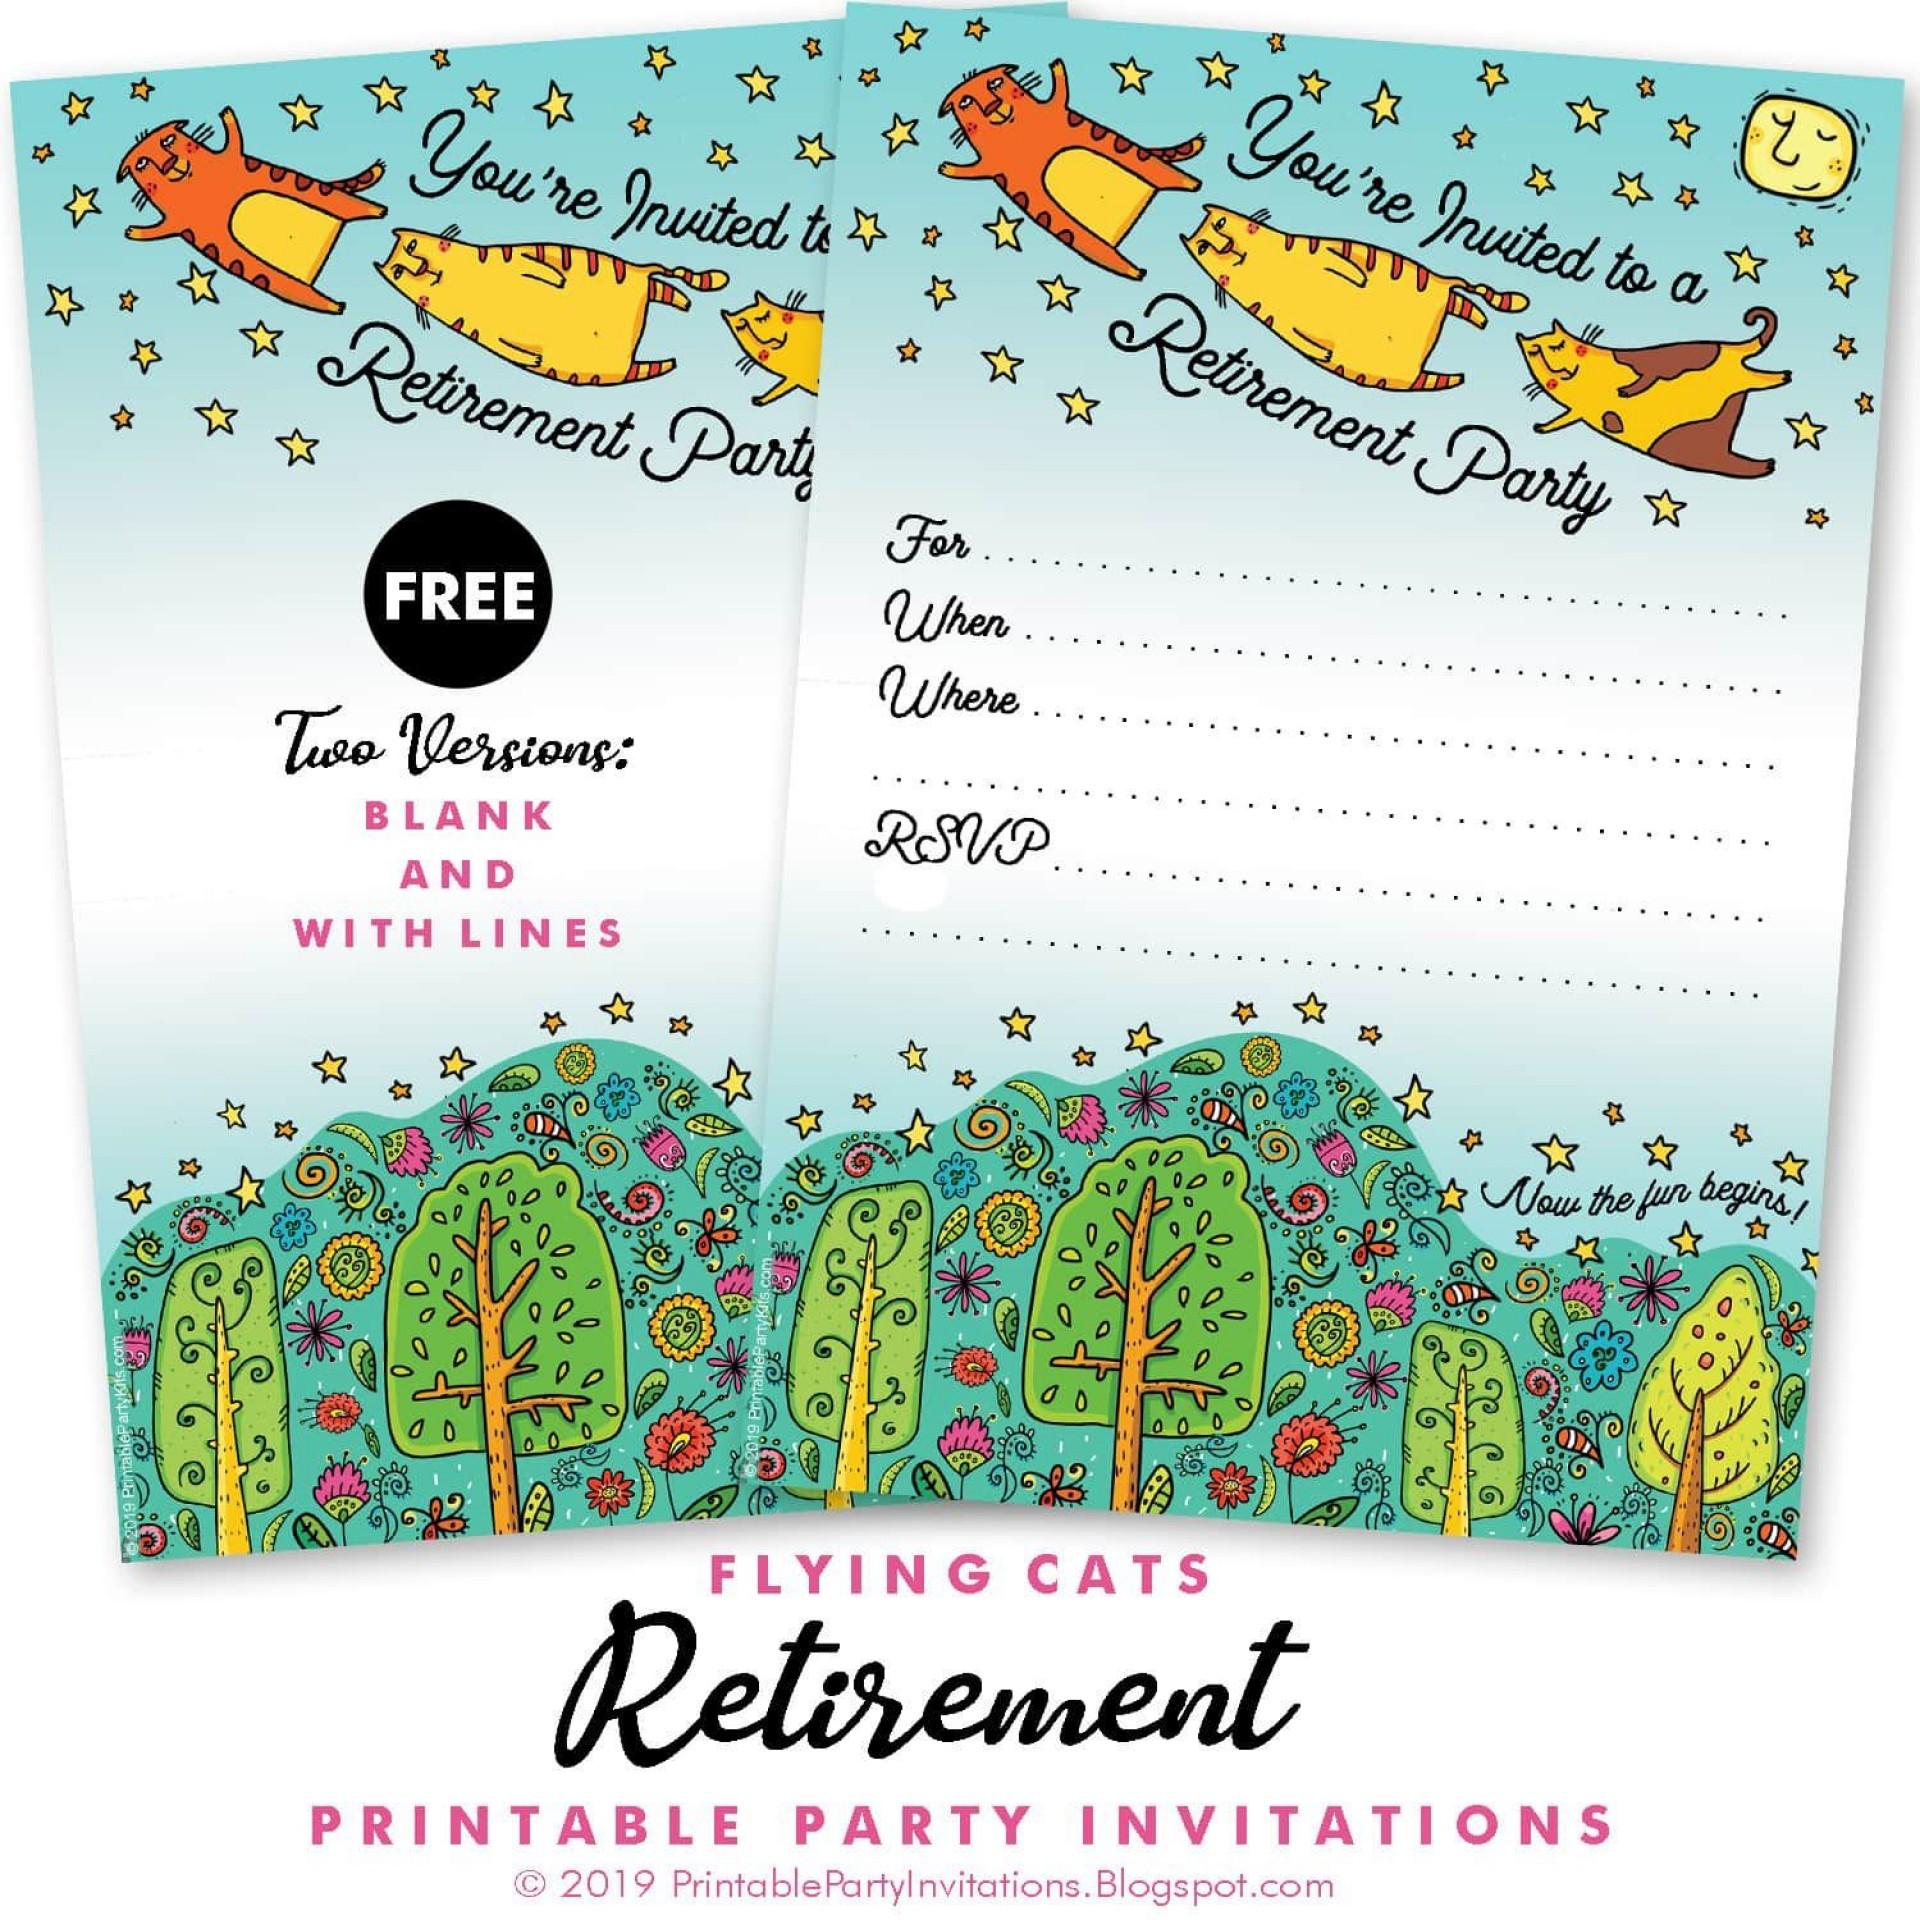 006 Unique Retirement Farewell Party Invitation Template Free Concept 1920